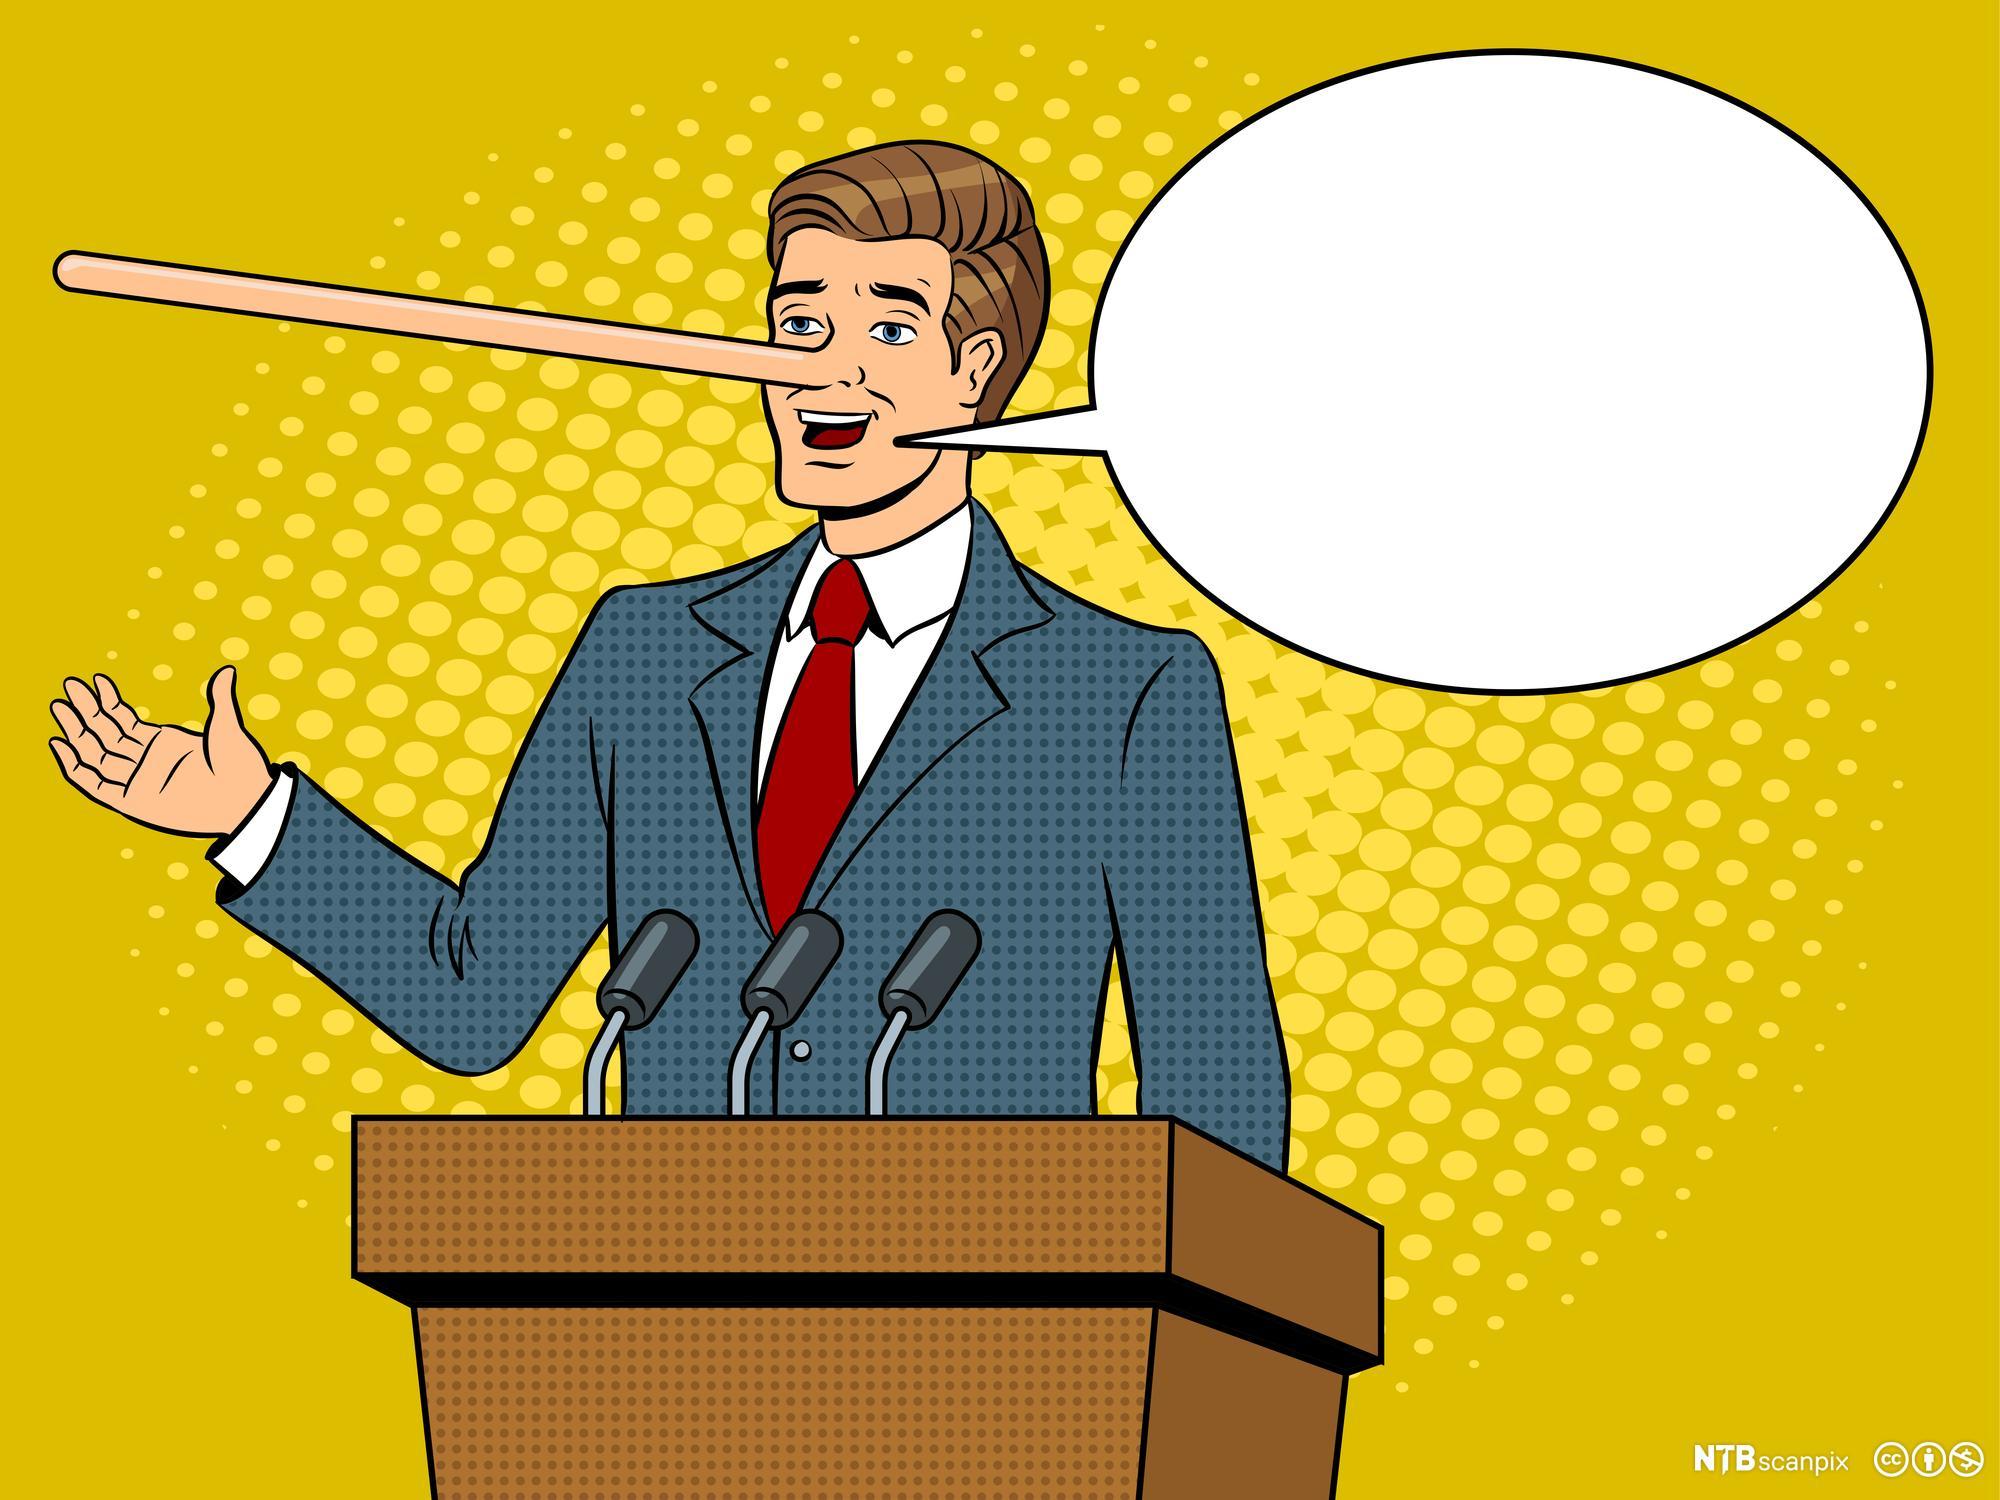 Medie Og Informasjonskunnskap Hvordan Og Hvorfor Spres Falske Nyheter Ndla